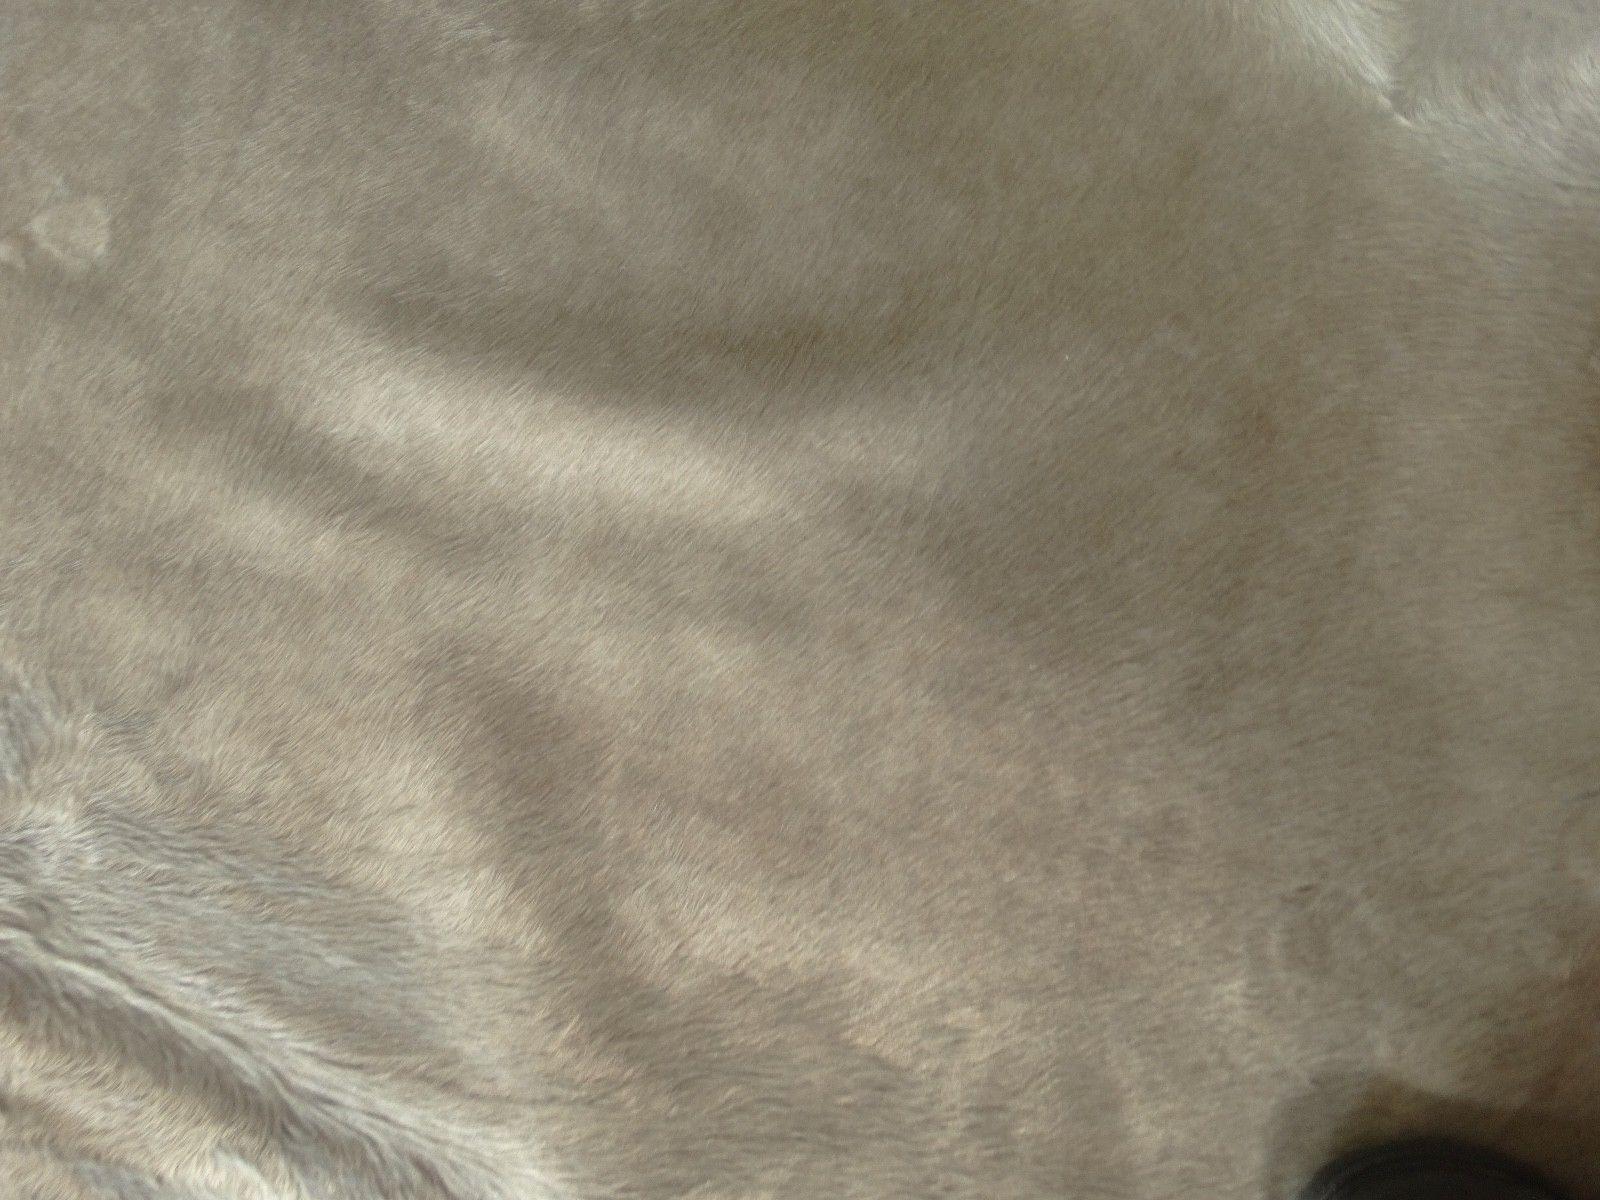 PREMIUM TAPIS TAPIS PREMIUM brun, env. 225 cm x 210 cm, pièce unique, neuf, rug 0e318e